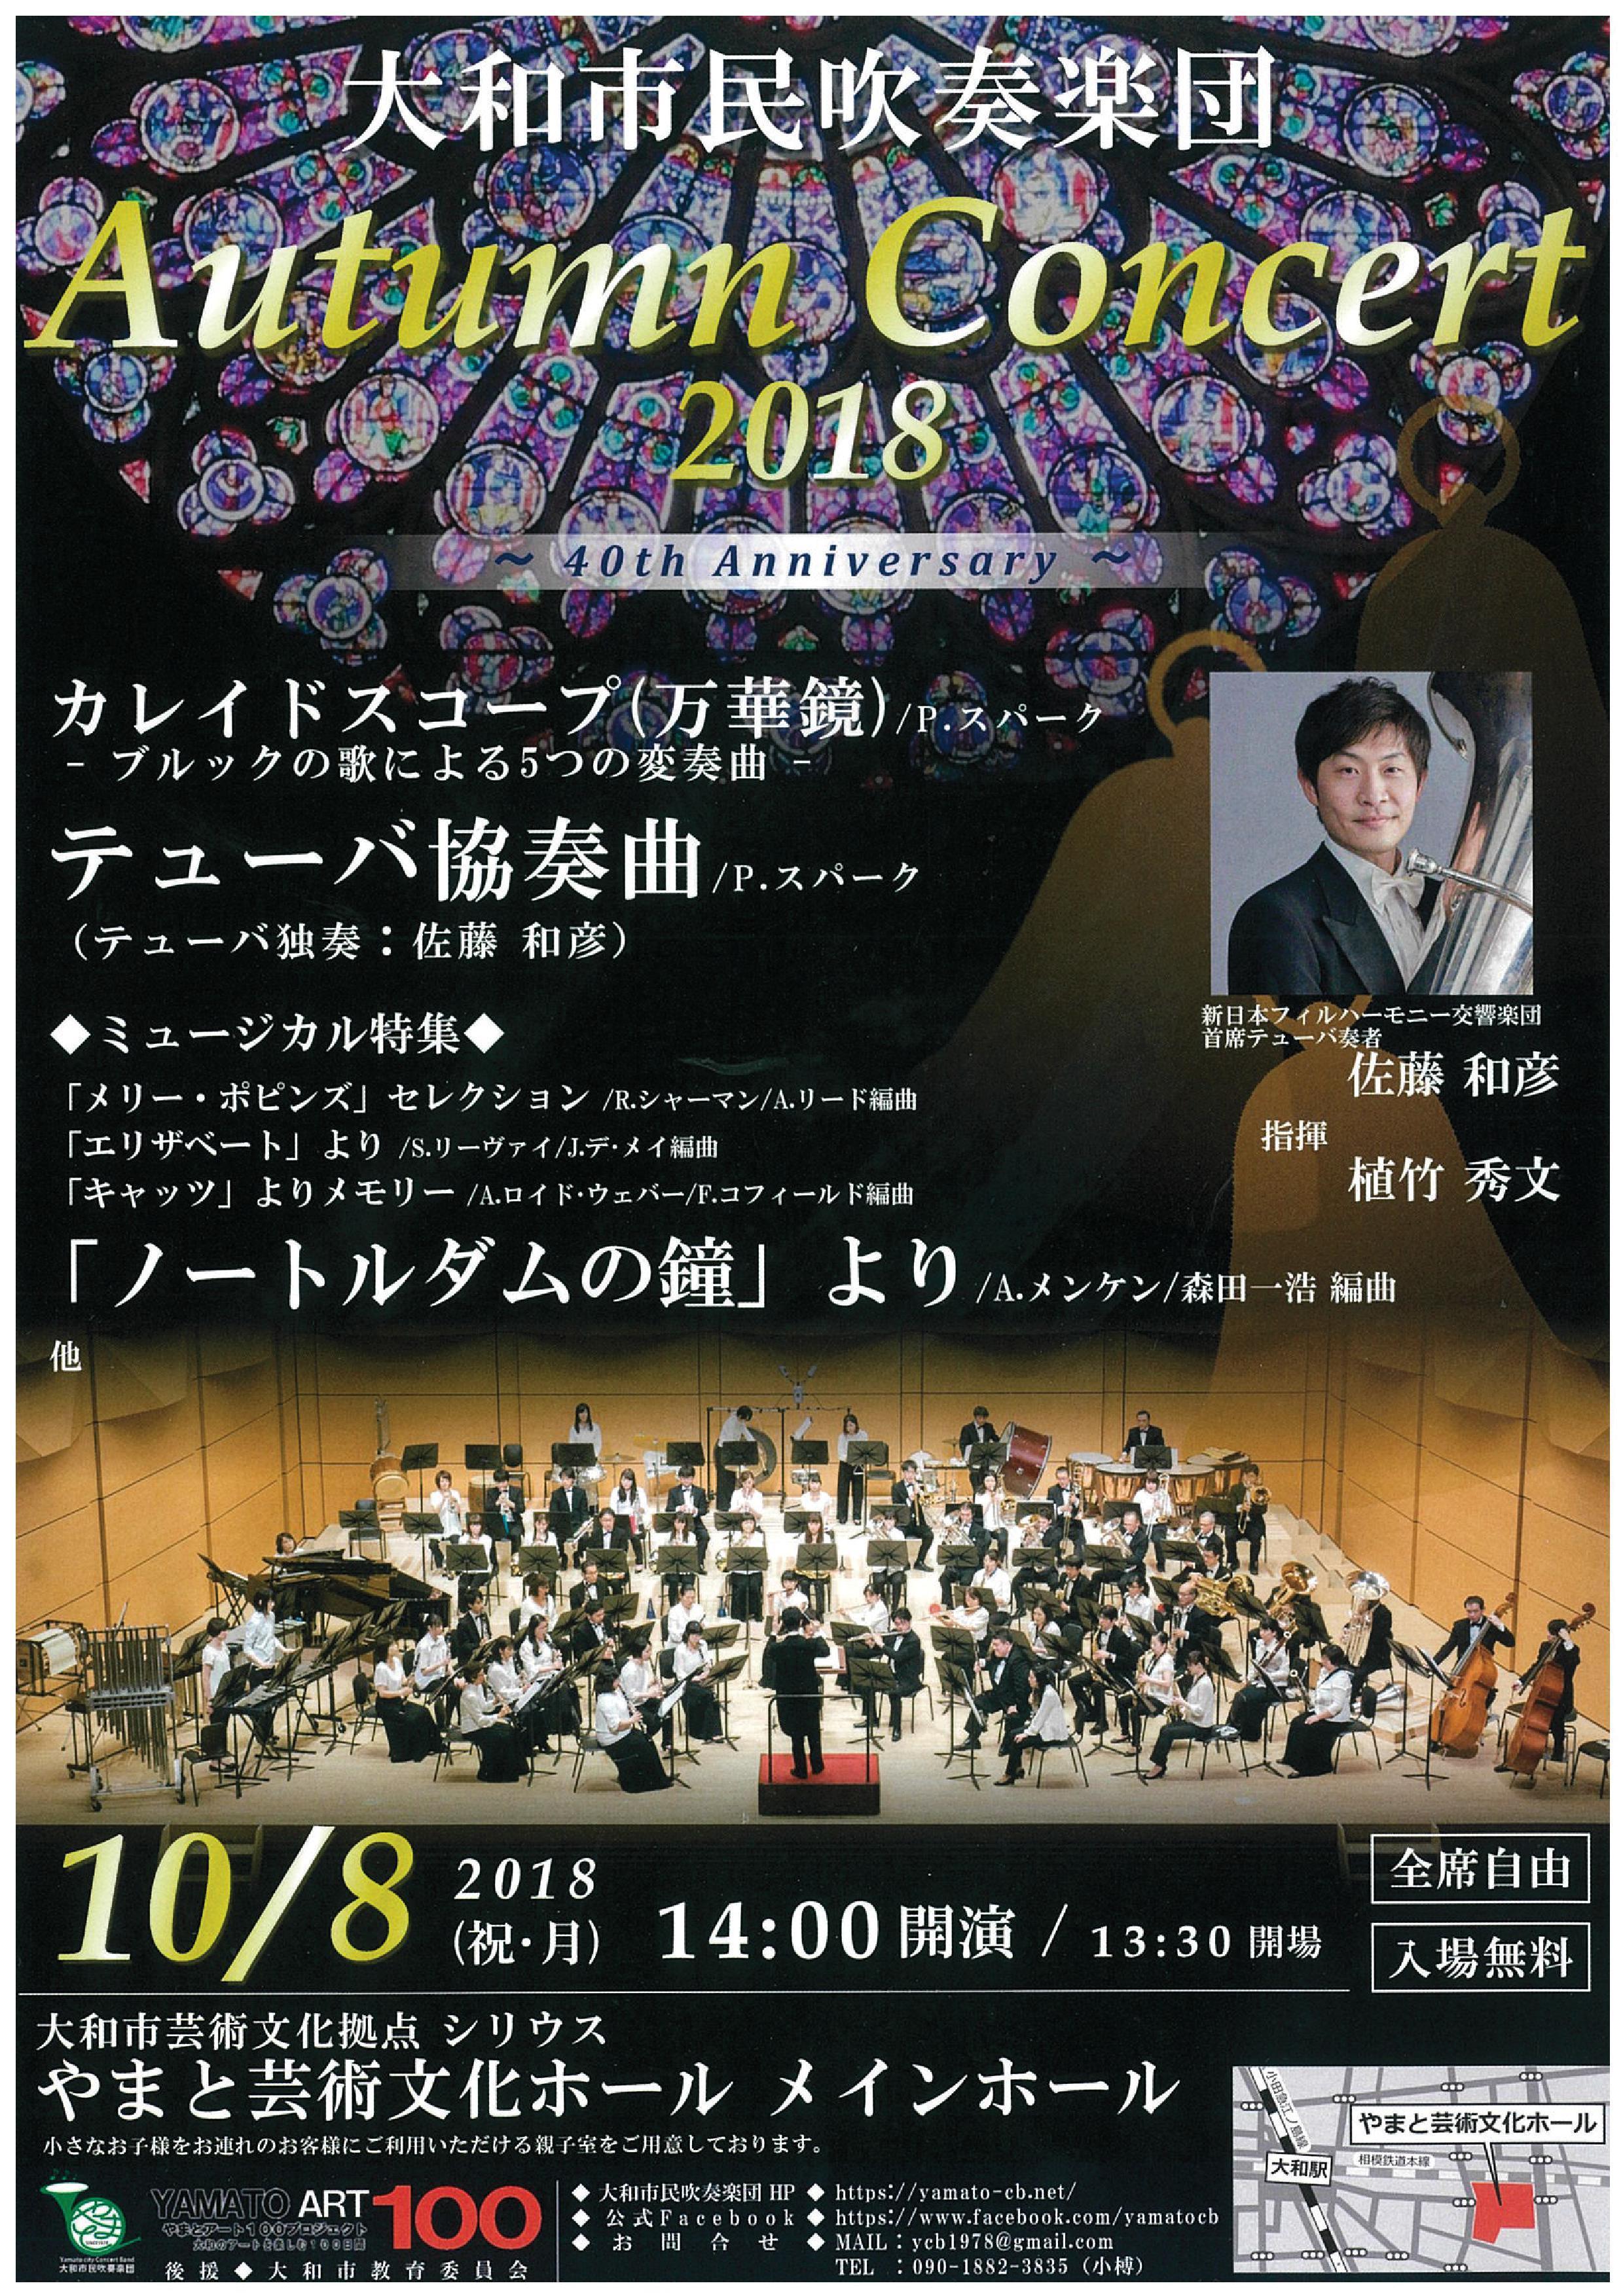 大和市民吹奏楽団 Autumn Concert 2018